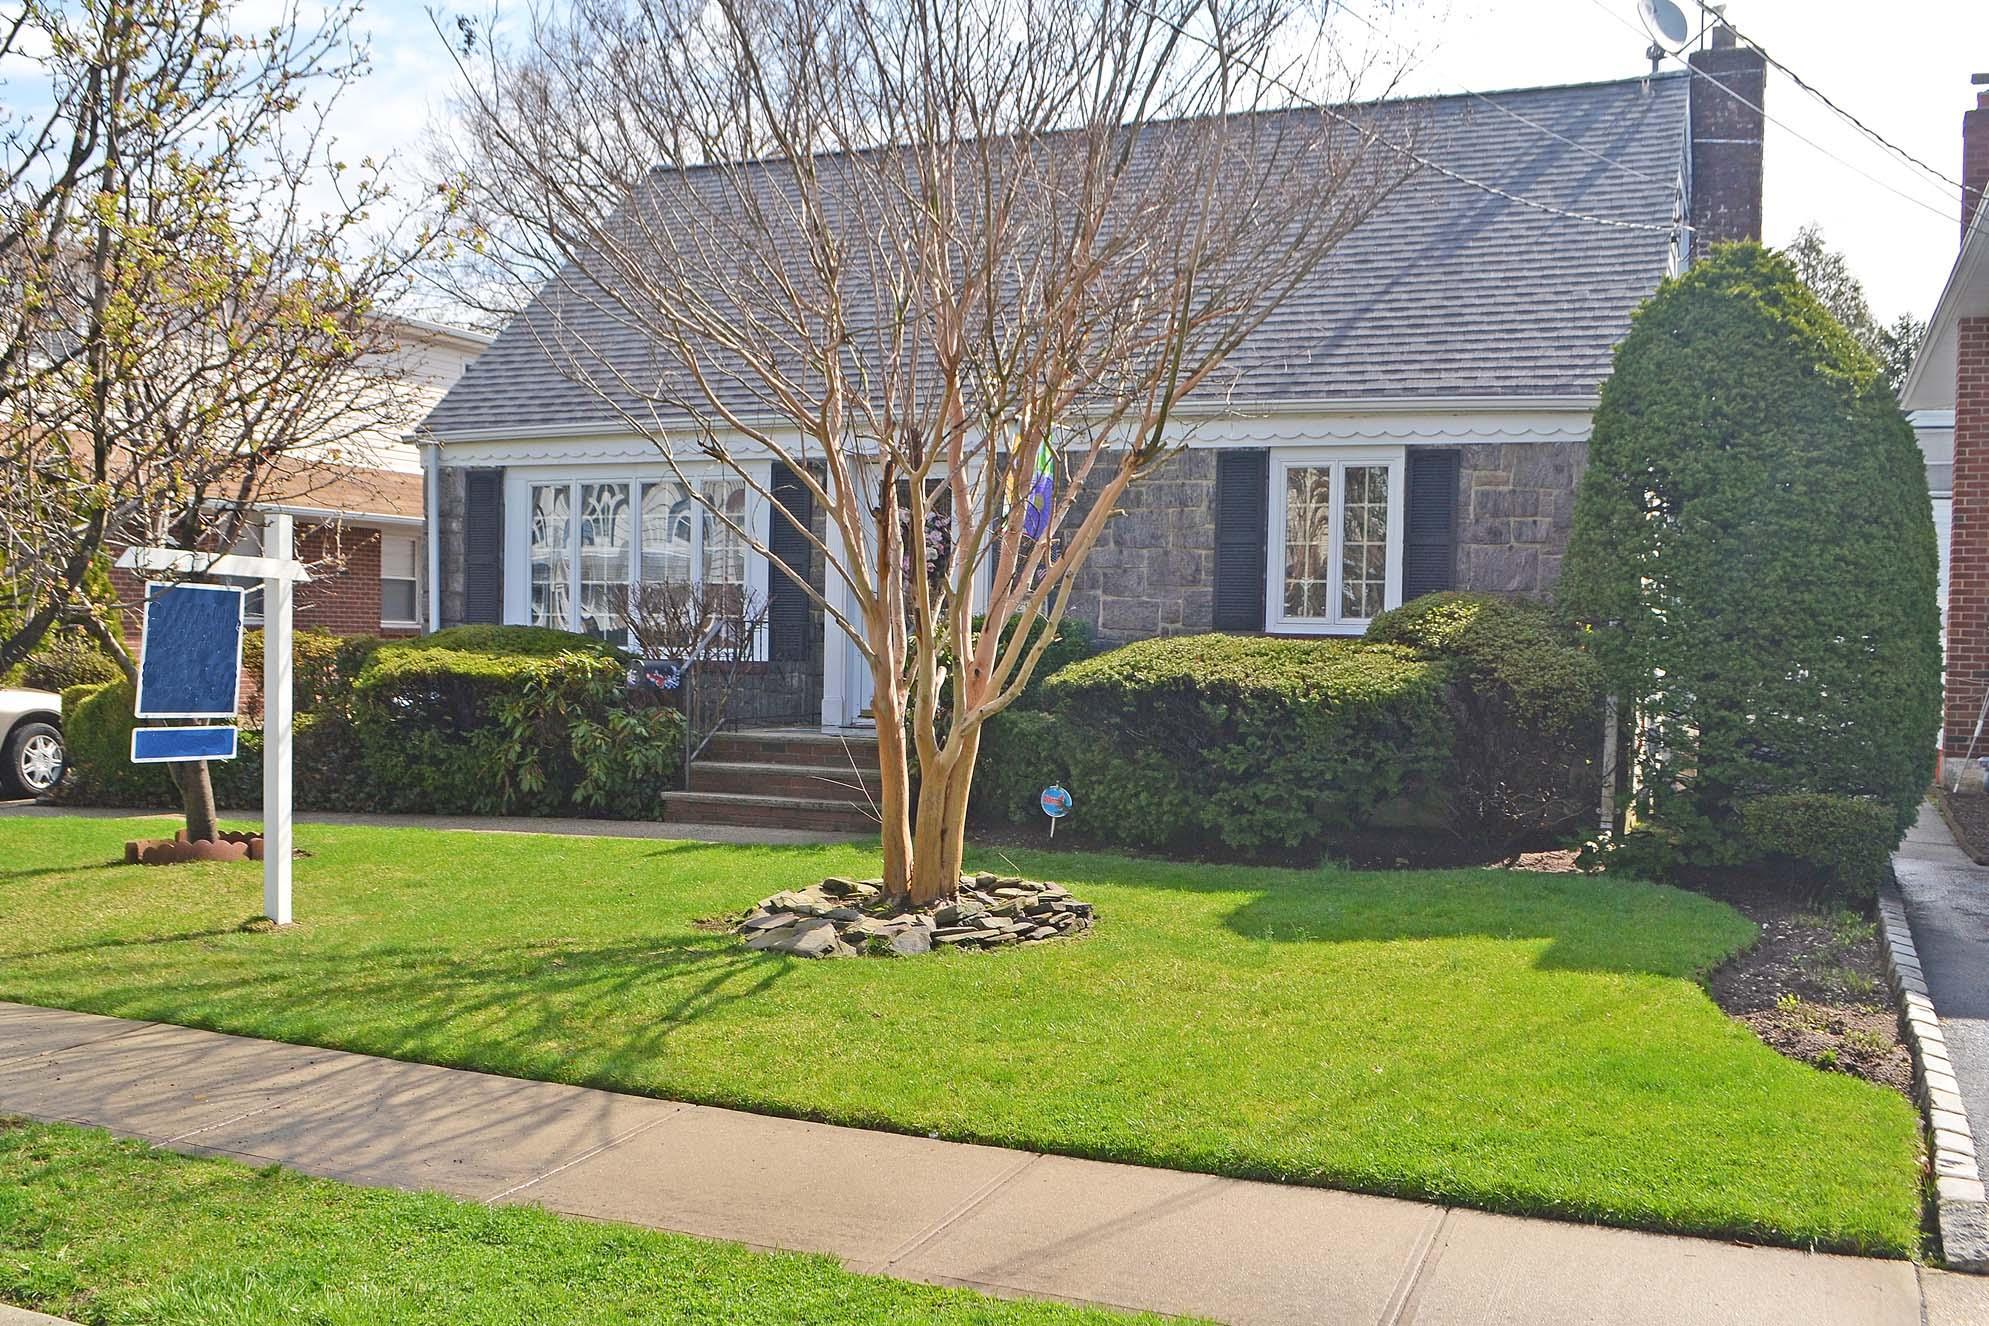 212 Caroline Ave, Garden City, NY 11530 - Estimate and Home Details ...